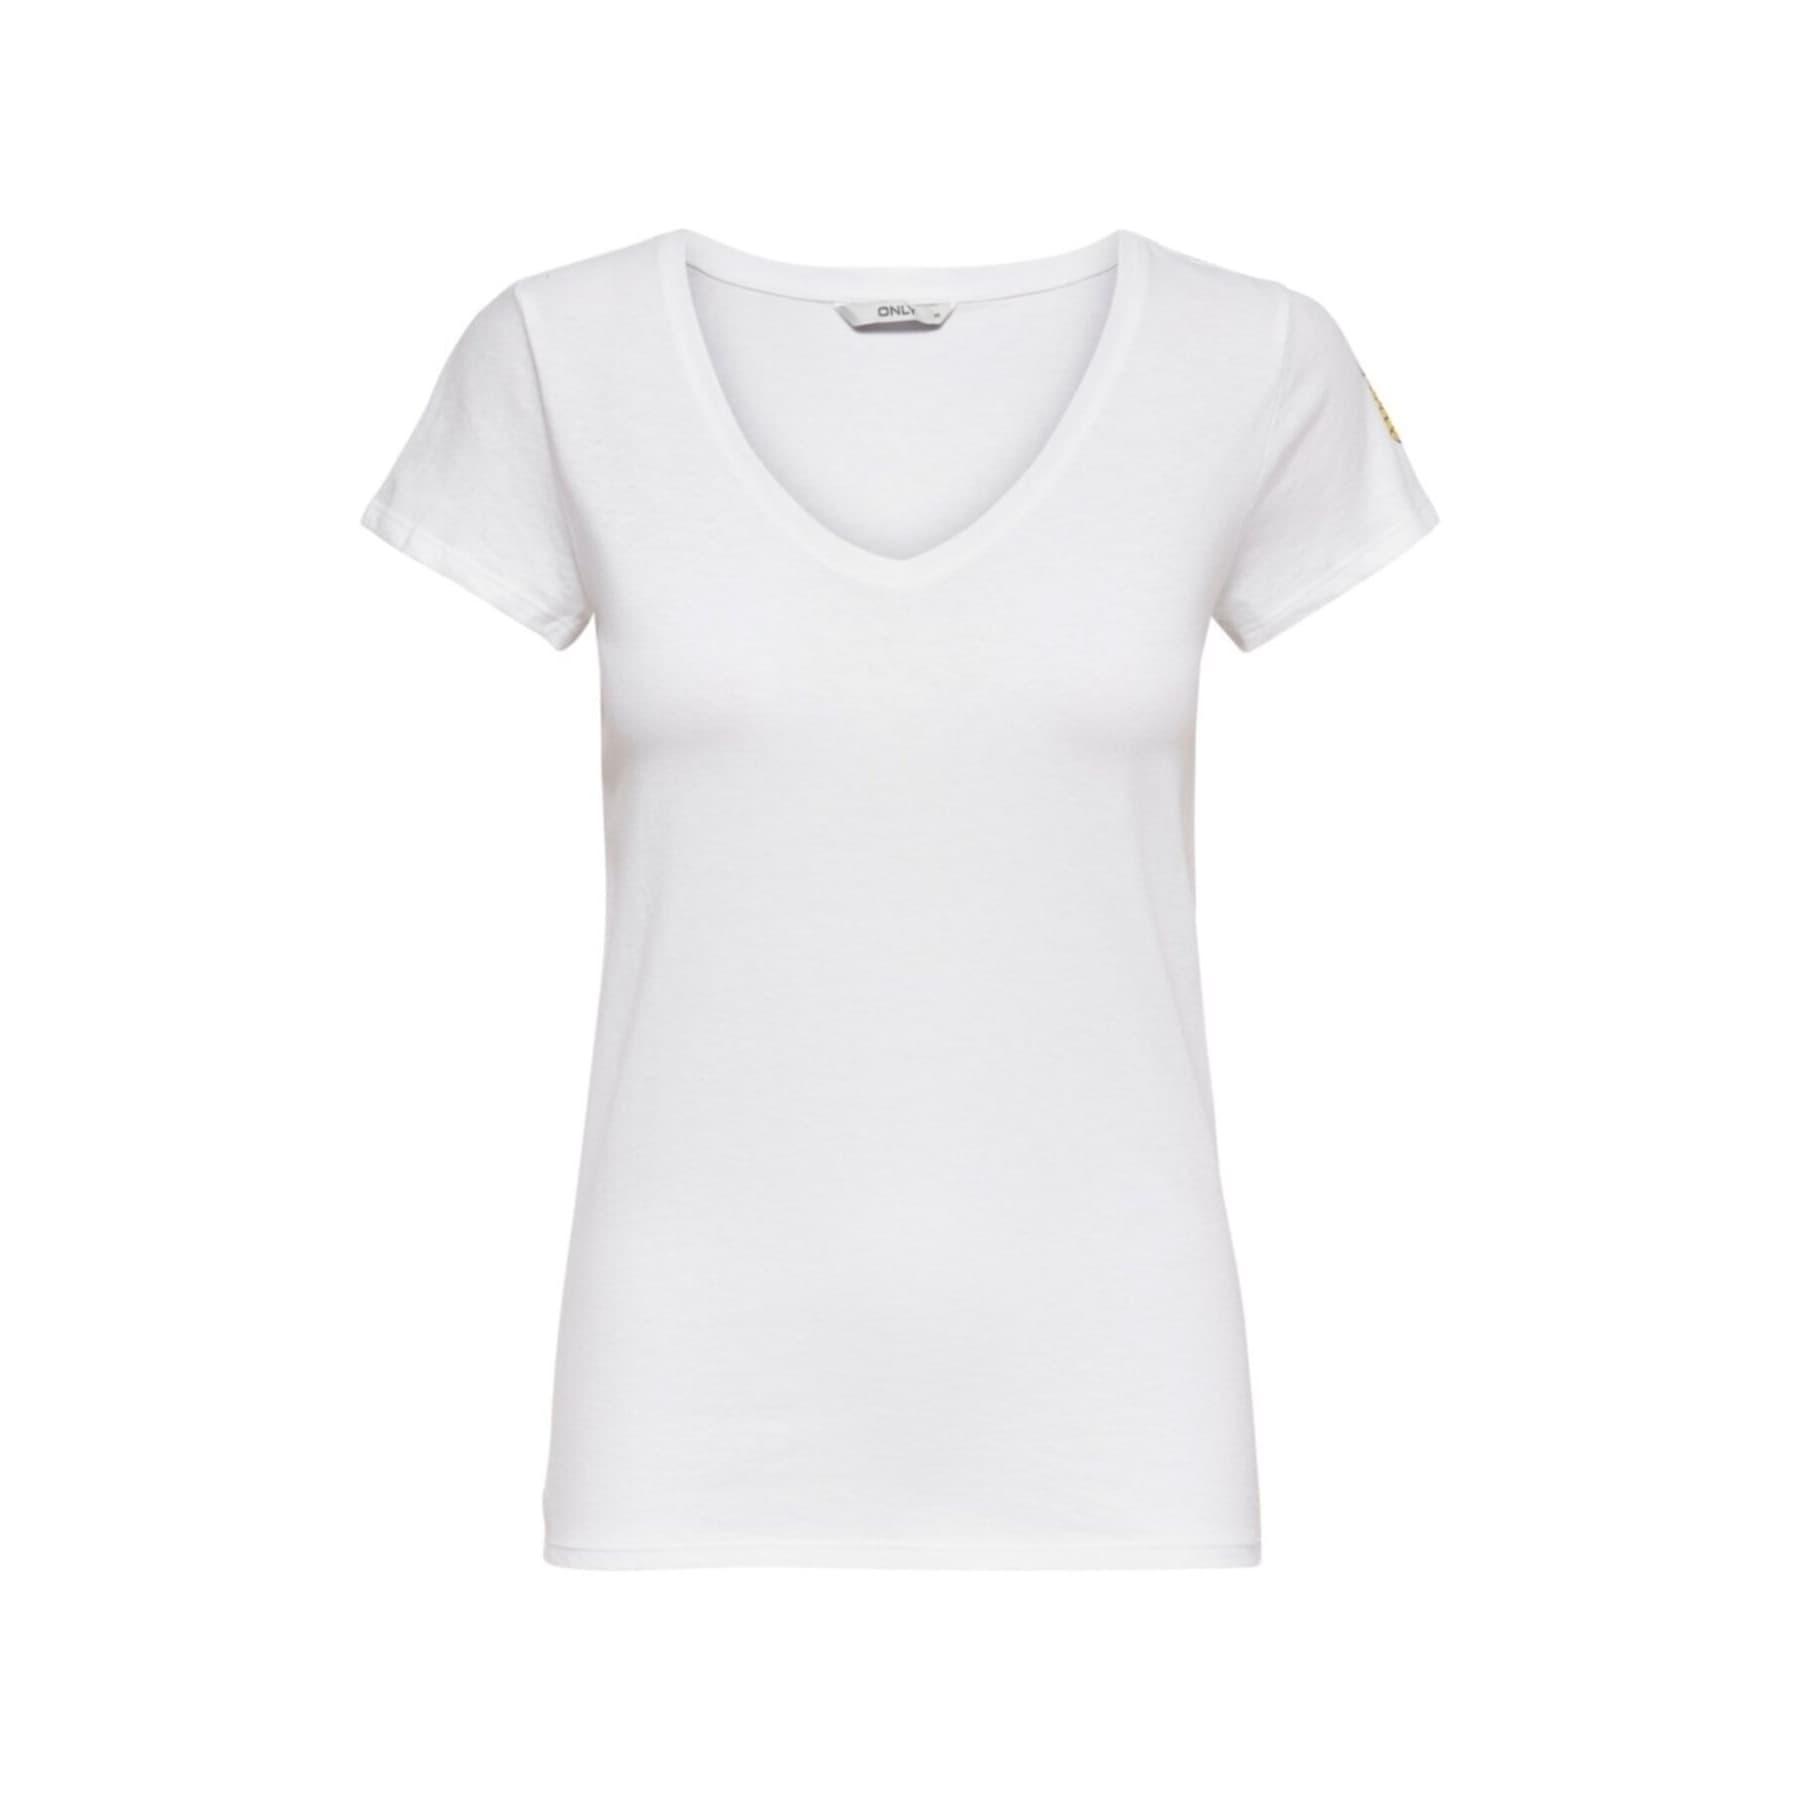 Koop Kiraz Desenli Kadın Beyaz Tişört